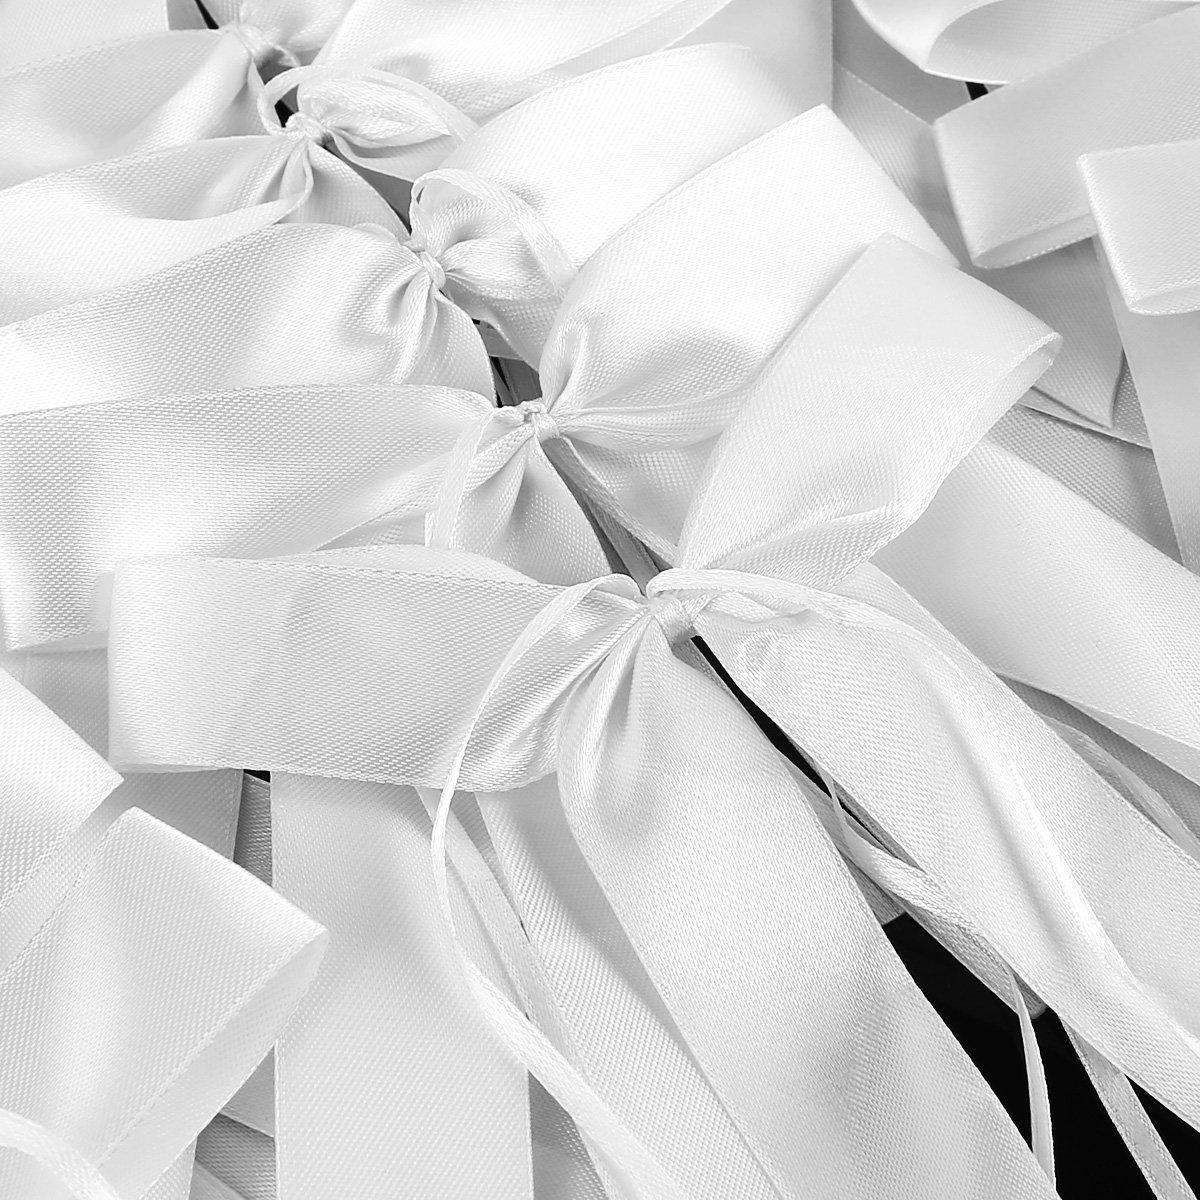 JZK® 50 x Bianco coccarde fiocco nodo raso con nastro stoffa, 13,5 x 21 cm, 2,6 cm largo, decorazioni per bomboniere auto matrimonio battesimo comunione nascita Natale regalo fiori fiorista, fiocchi con nastri bianche ebuybox®